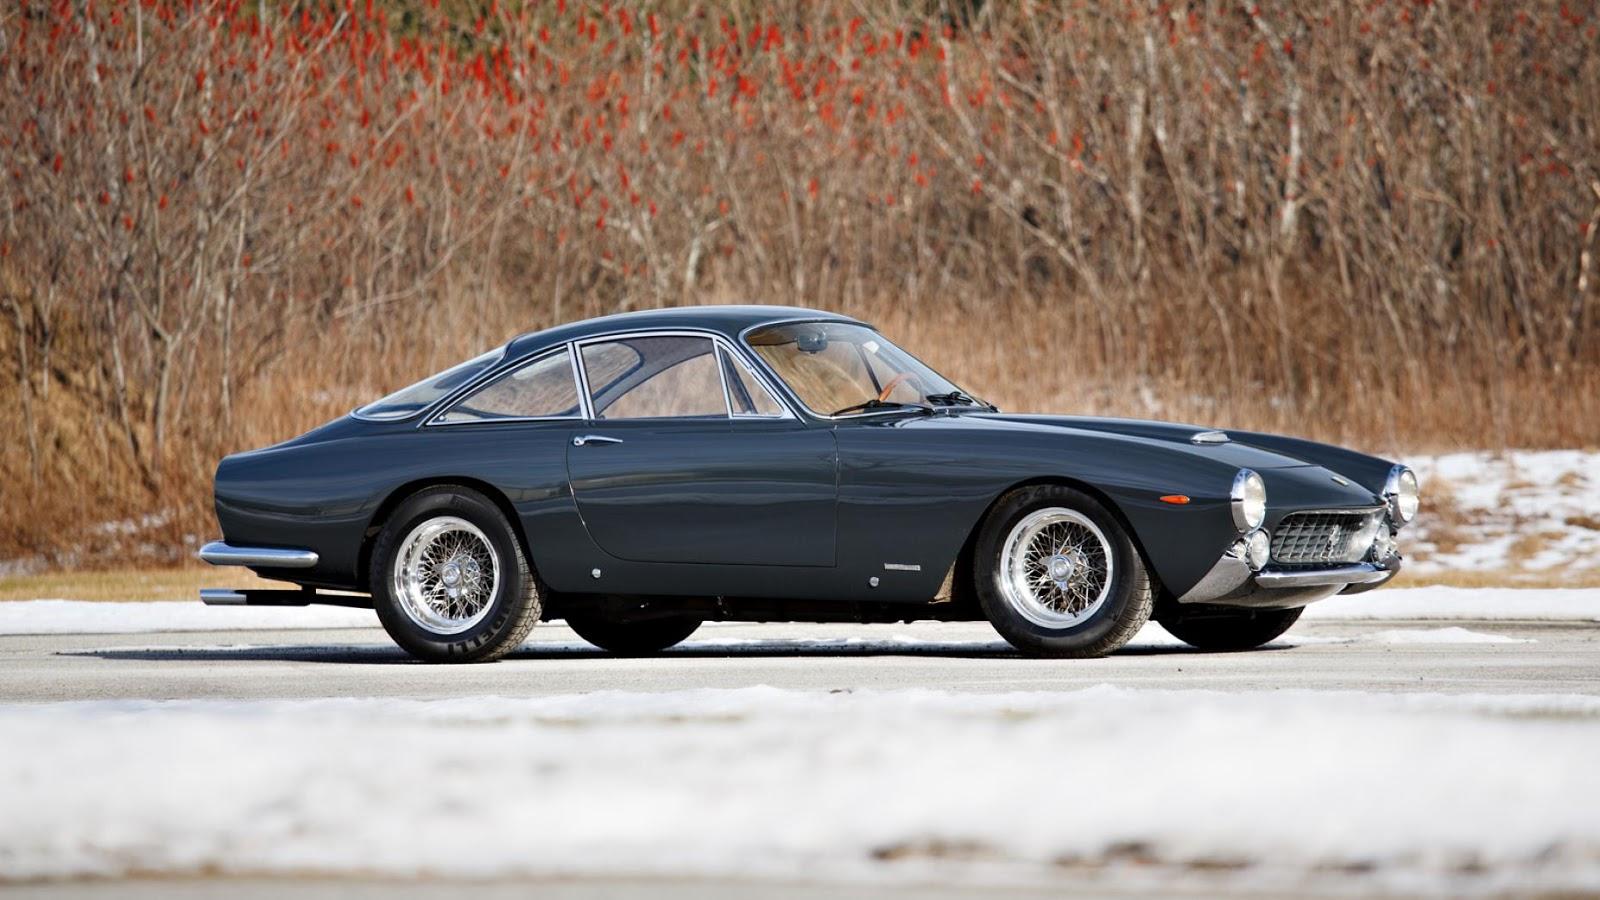 1963 Ferrari 250 GT Lusso Coupe: $1,875,000